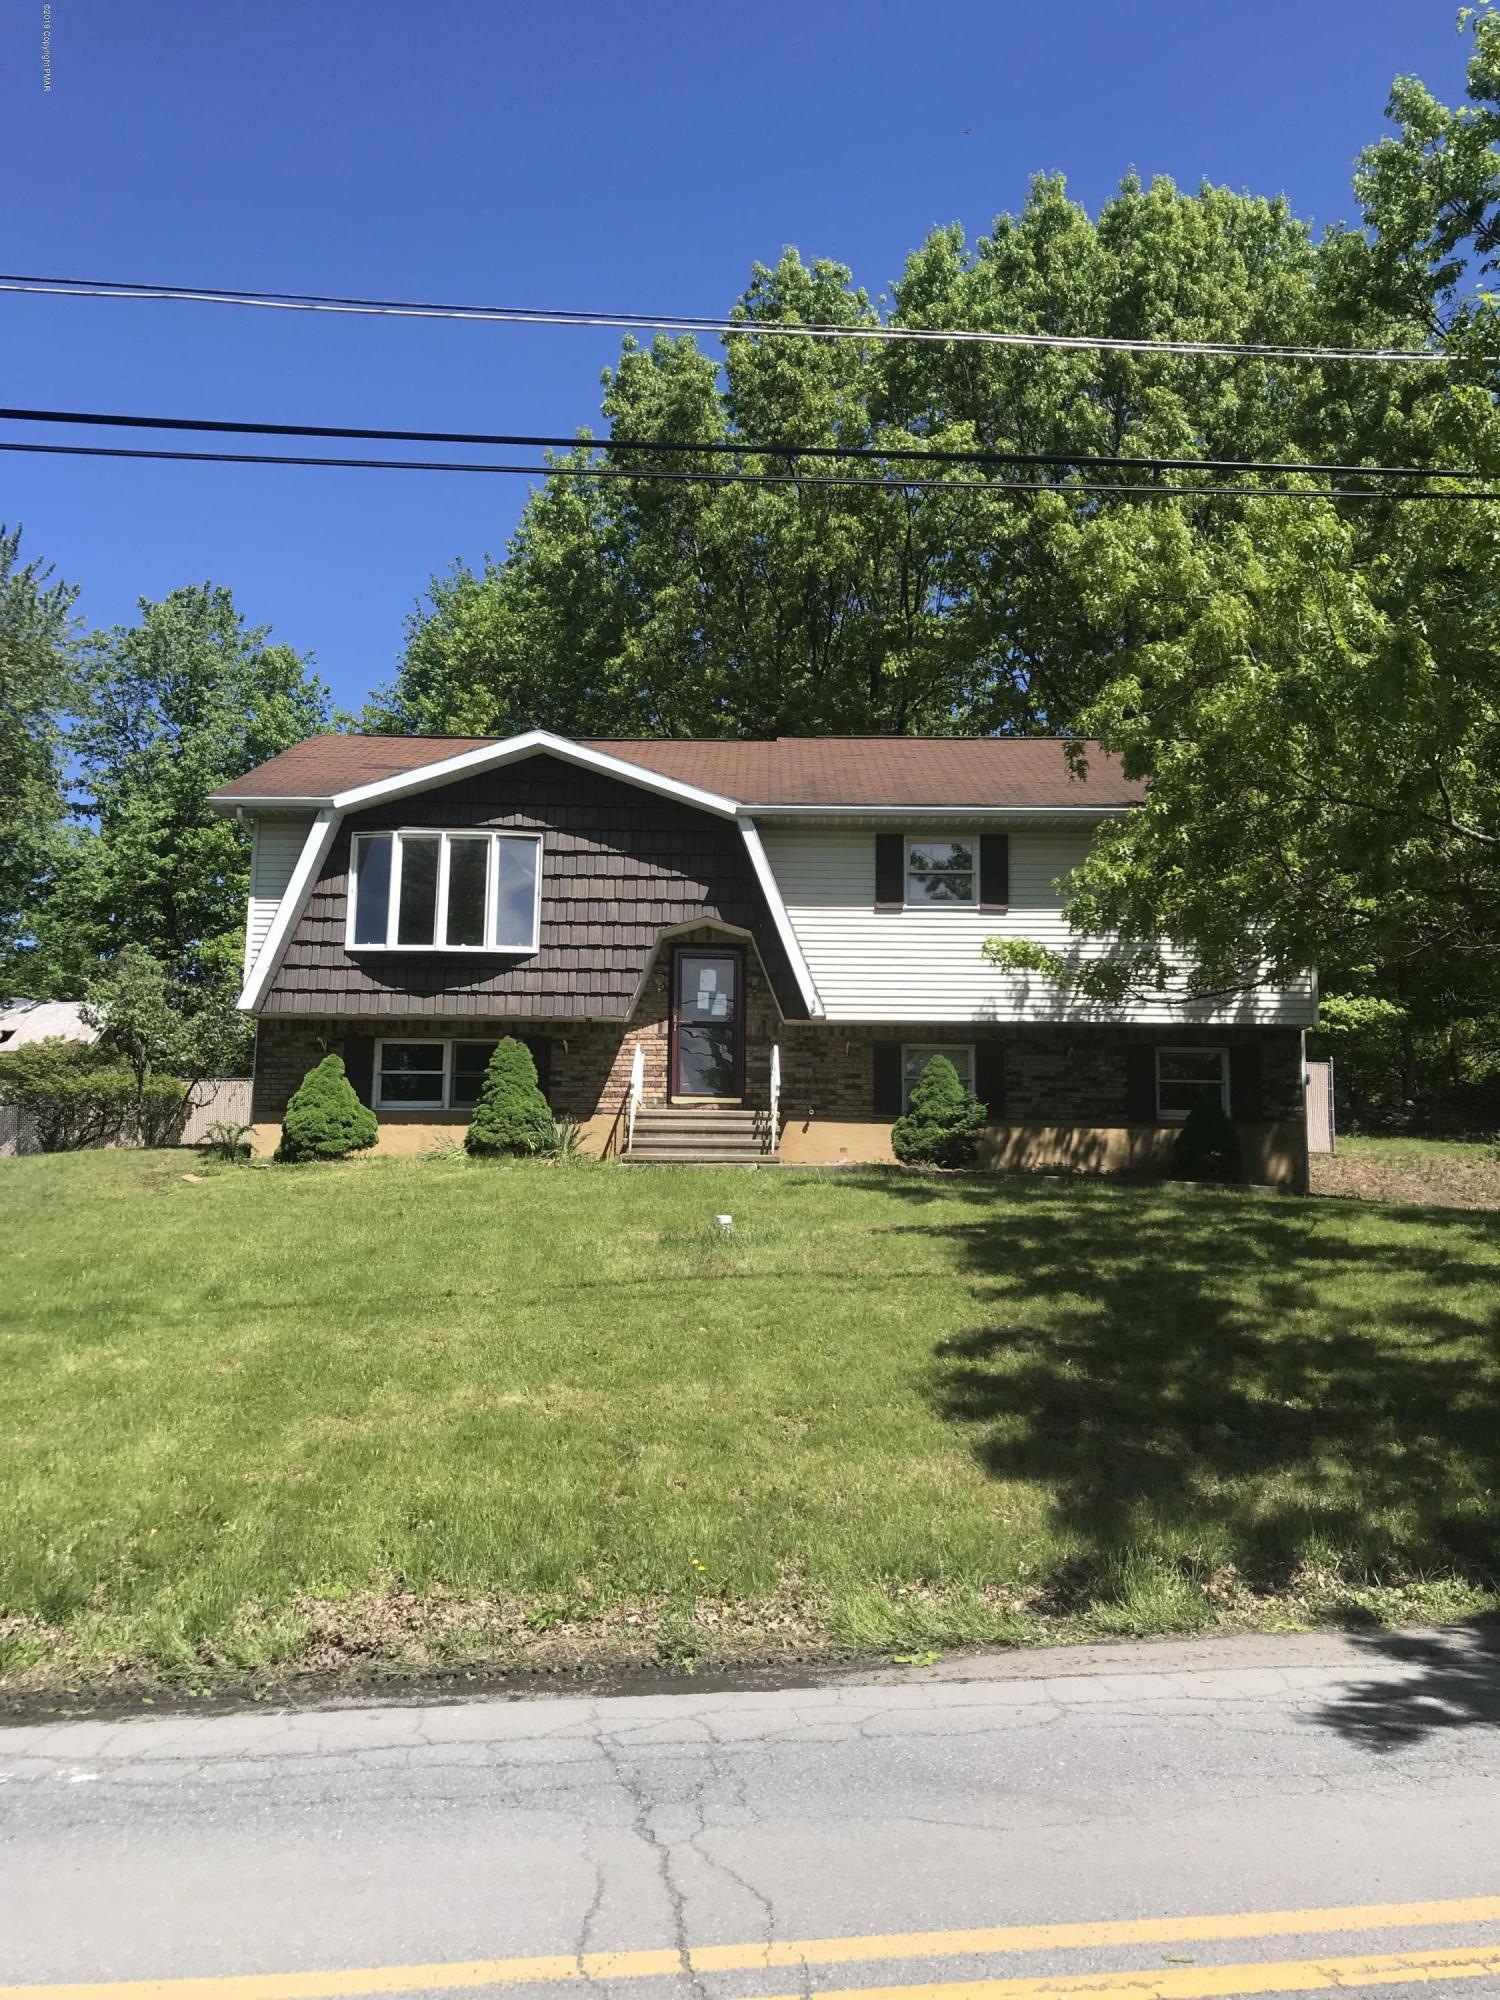 163 Municipal Dr, Bushkill, PA 12864